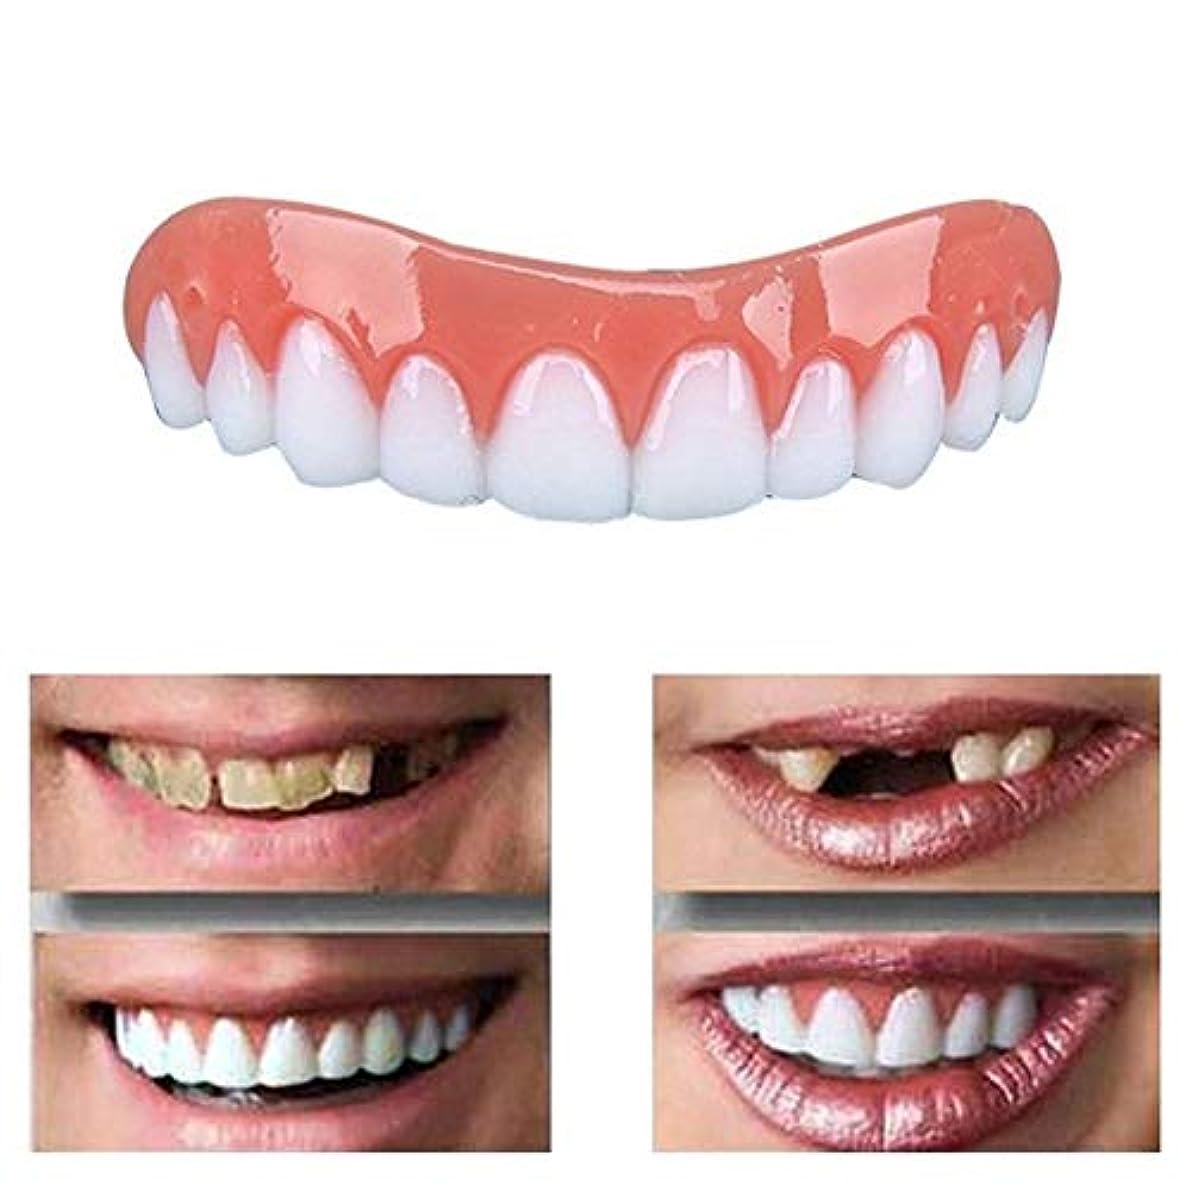 エレガントアレイ干ばつ20ピースパーフェクトスマイルベニア偽の歯アッパー偽の歯カバースナップオン即時の歯化粧品義歯のケアオーラルケアシリコーンホワイトニング義歯